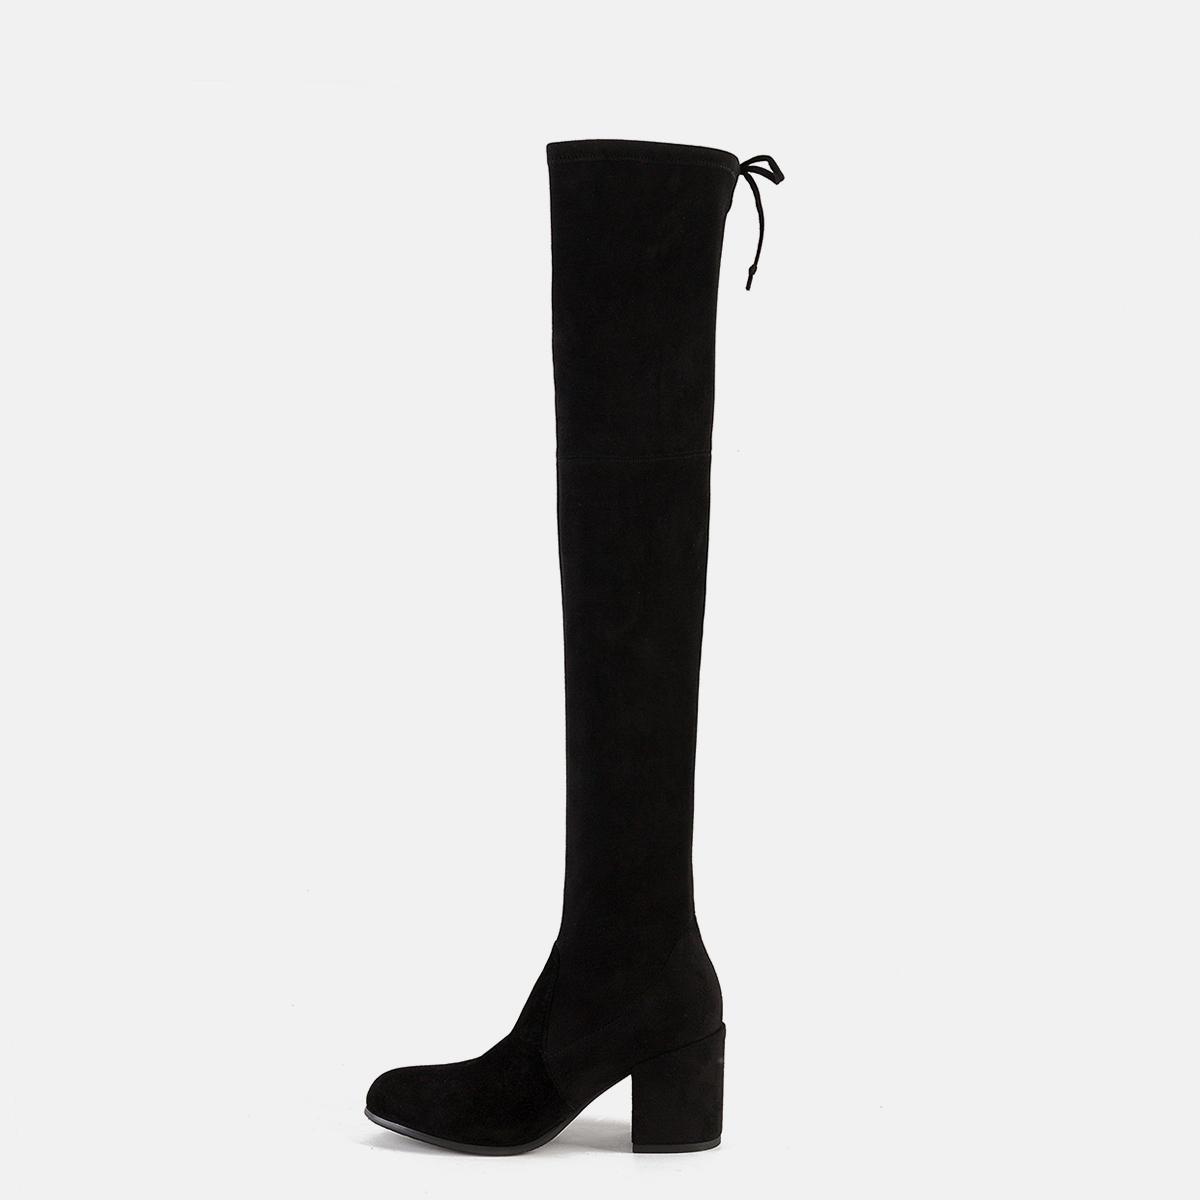 高跟靴 UKKU 秋冬粗跟过膝长靴高跟7.5CM高筒绑带弹力靴高靴女靴子补货_推荐淘宝好看的女高跟靴